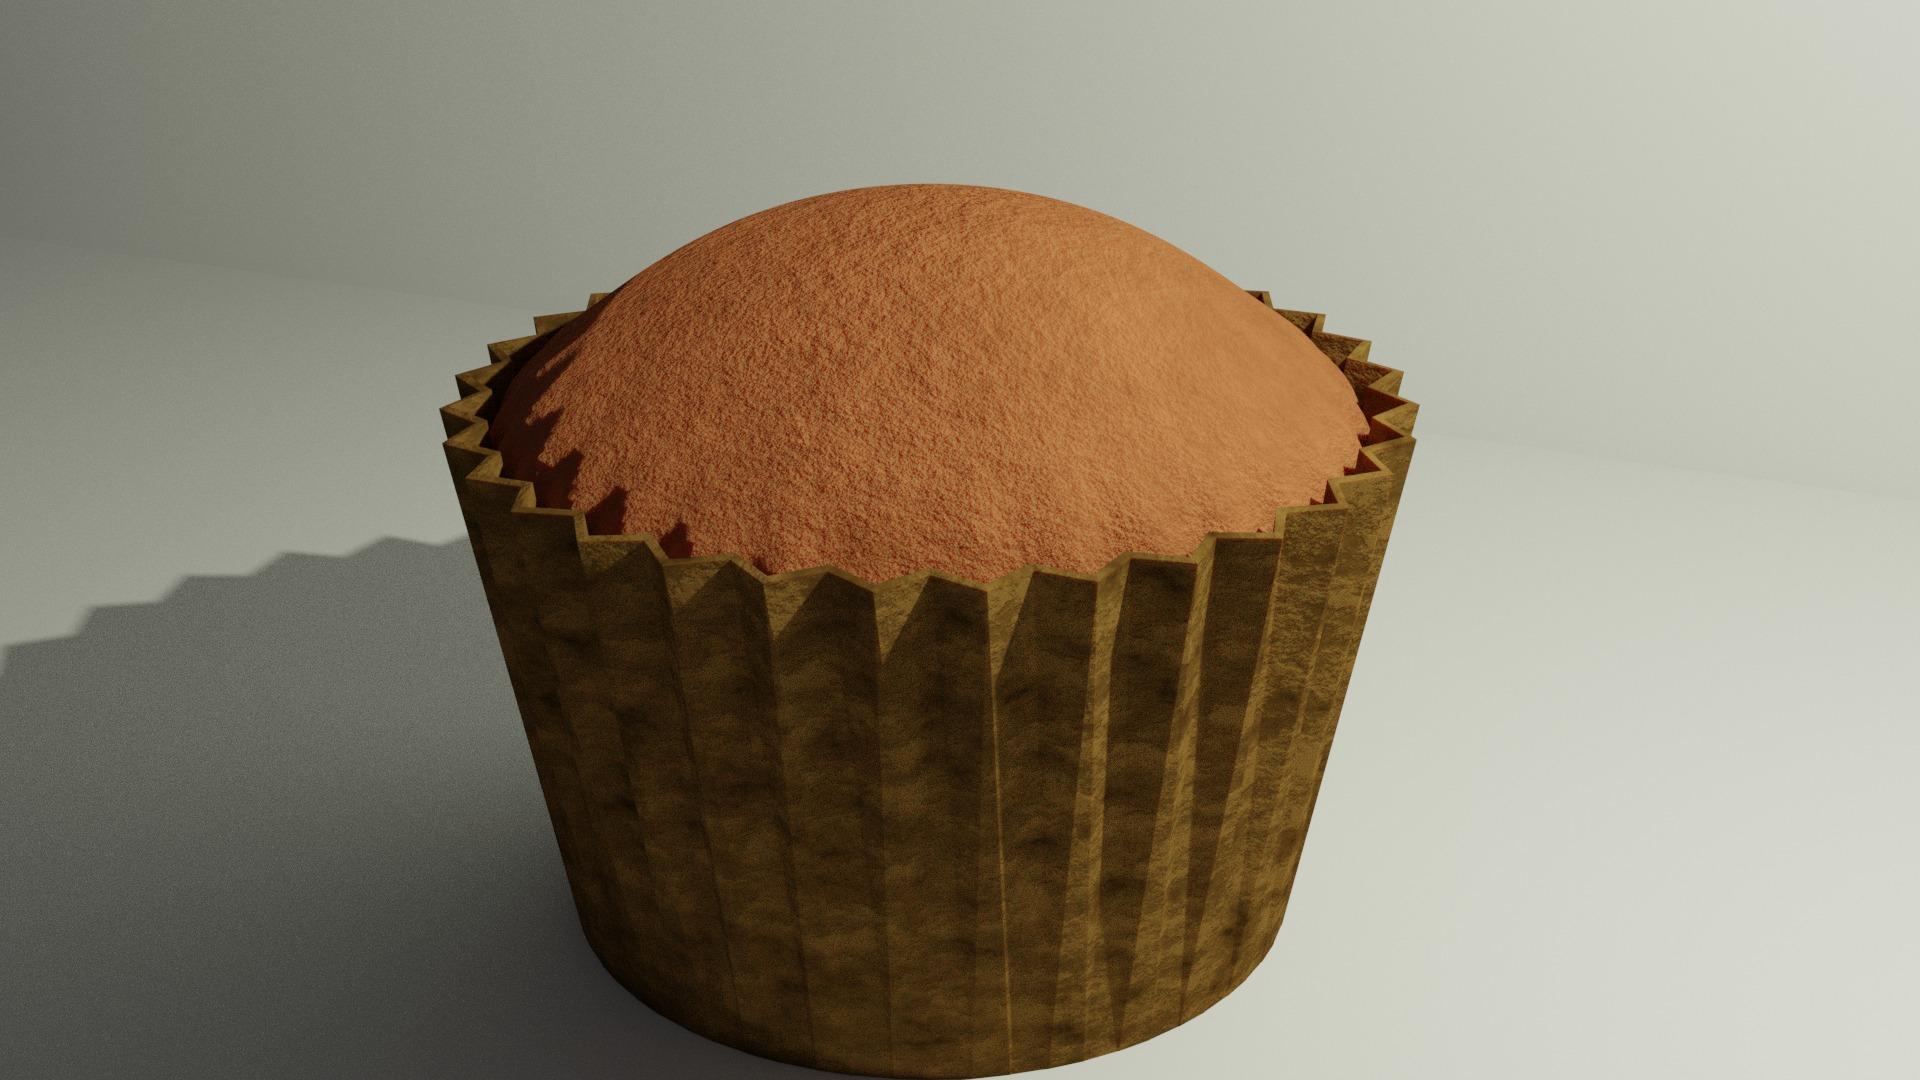 カップケーキが完成した